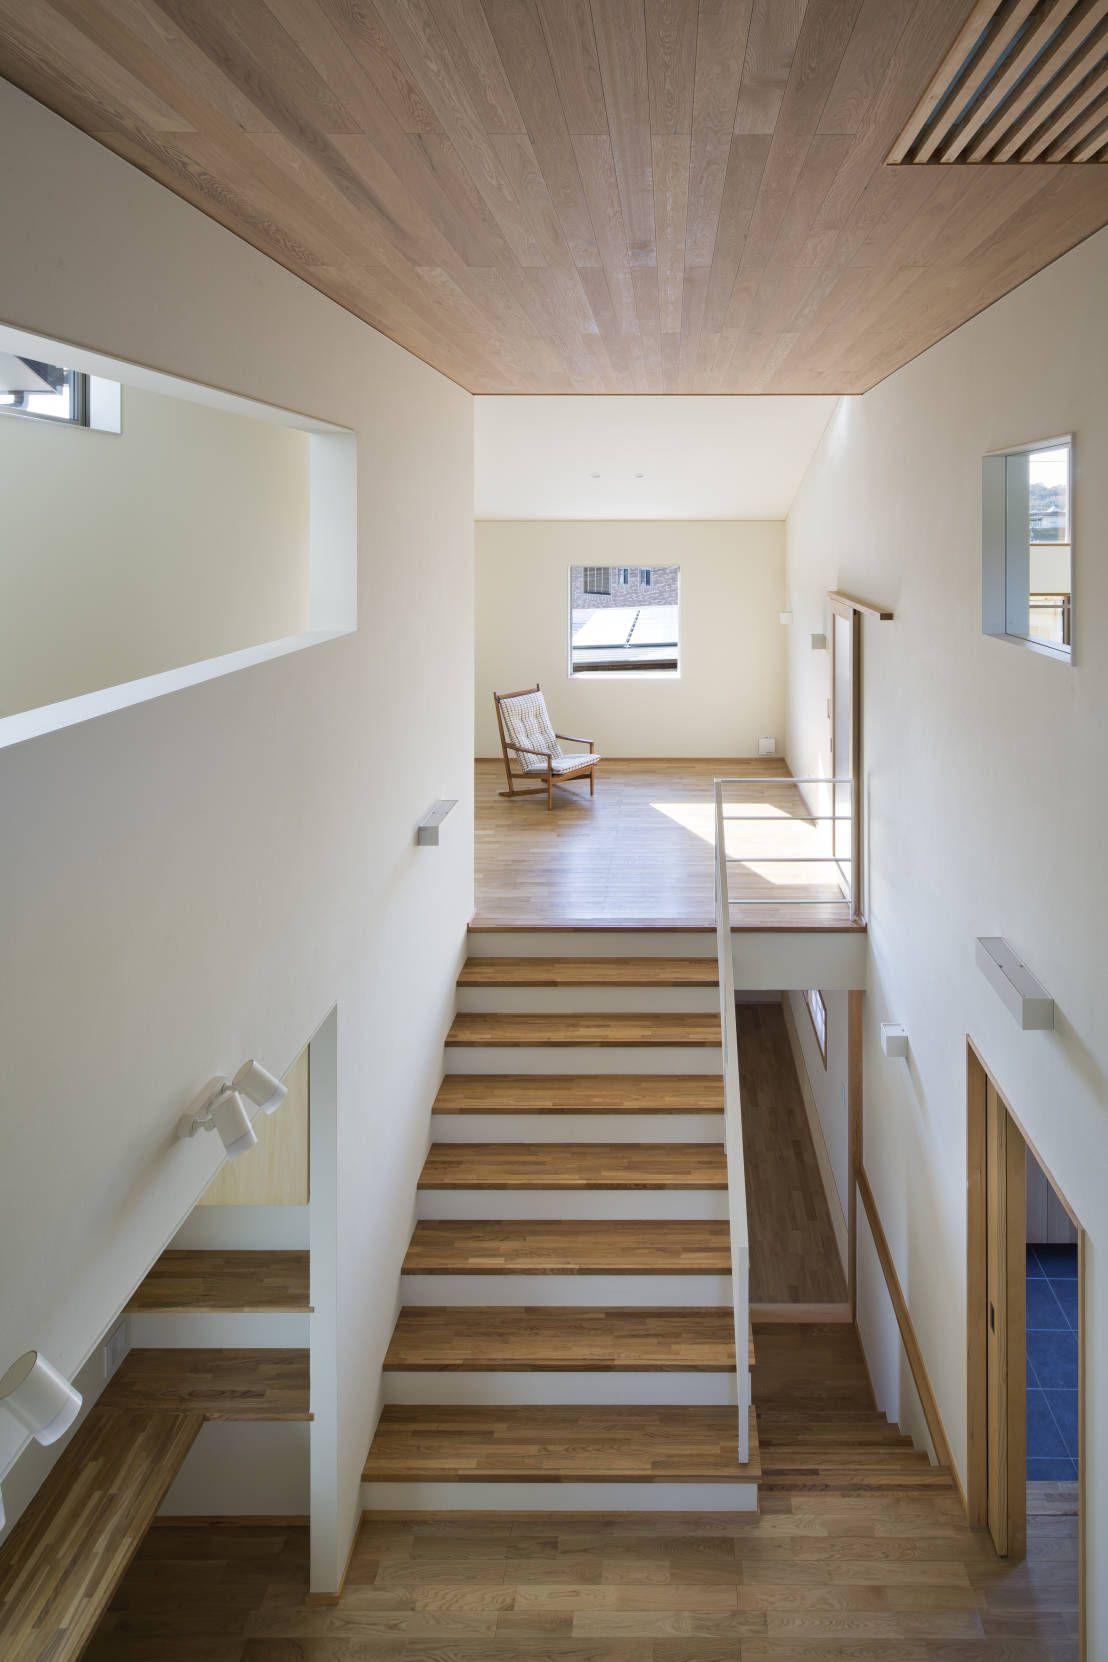 Mezzanine Floor Ideas Exhibition